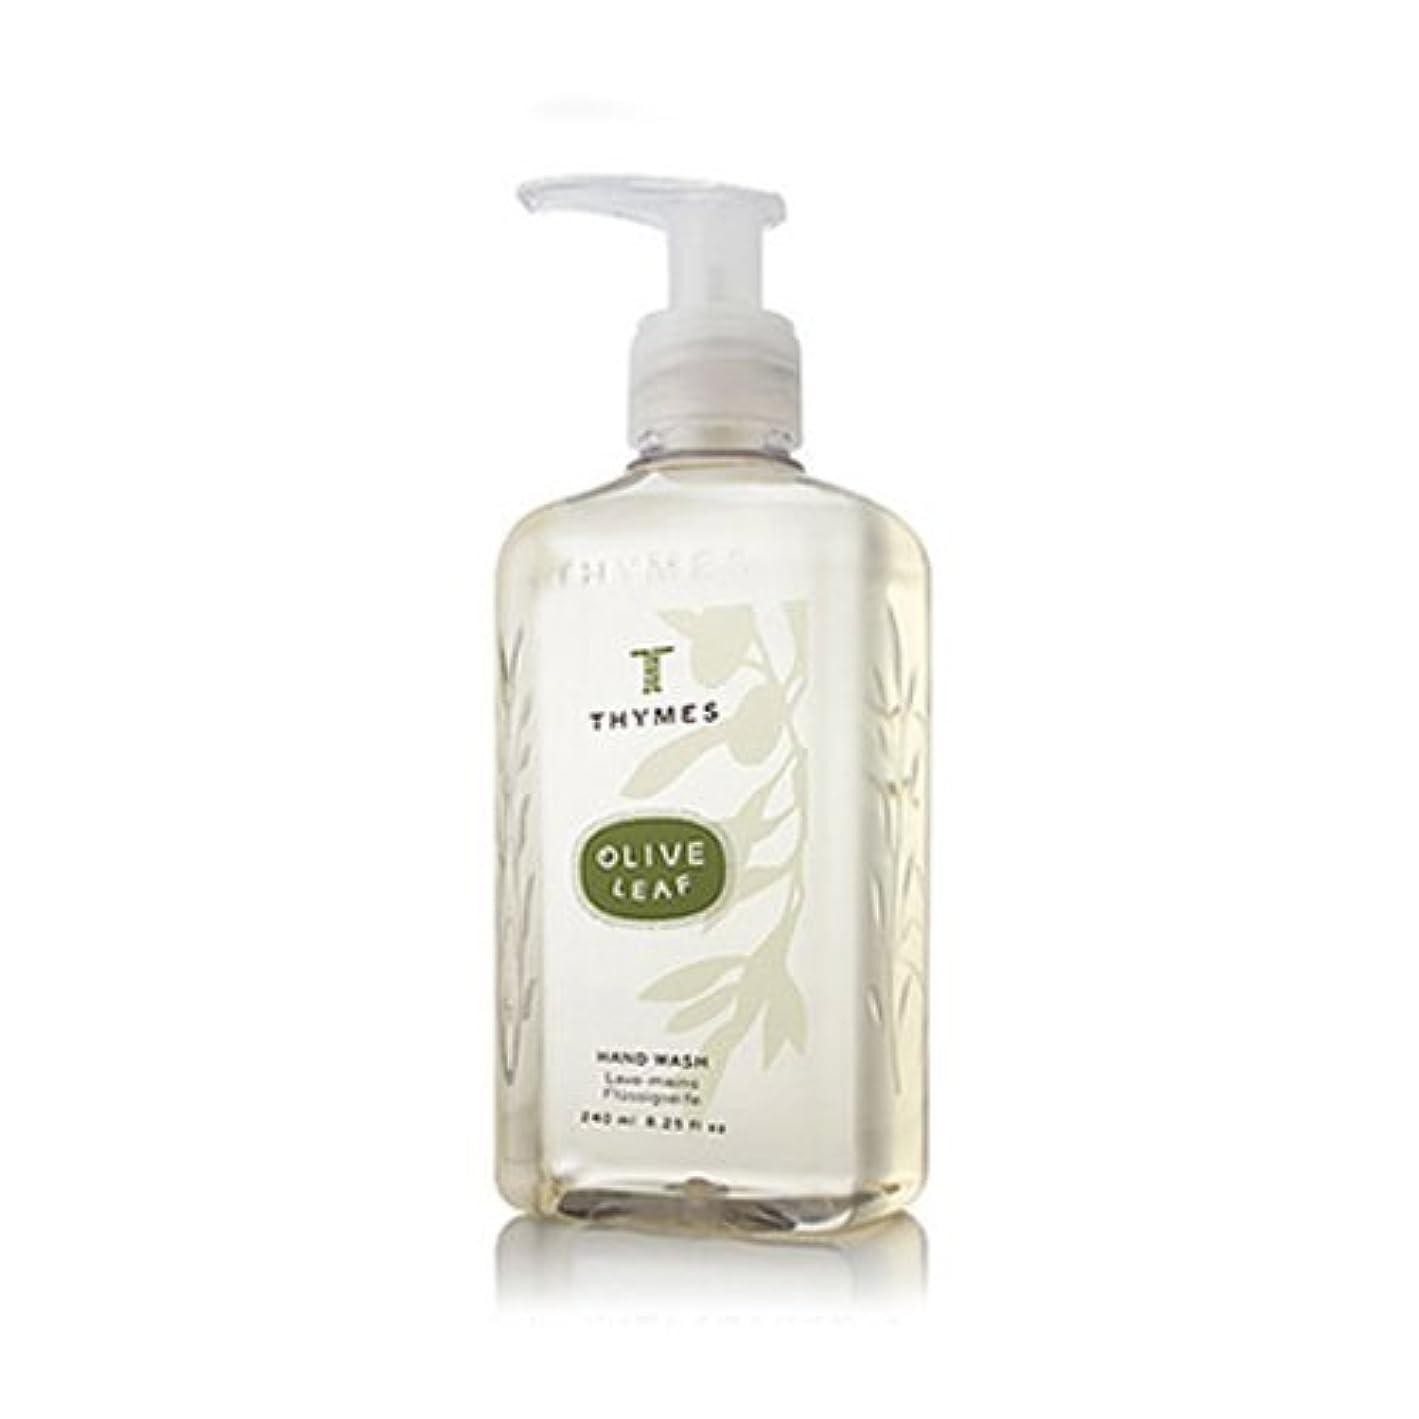 ほうき汚染チートTHYMES タイムズ ハンドウォッシュ 240ml オリーブリーフ Hand Wash 8.25 fl oz Olive Leaf [並行輸入品]